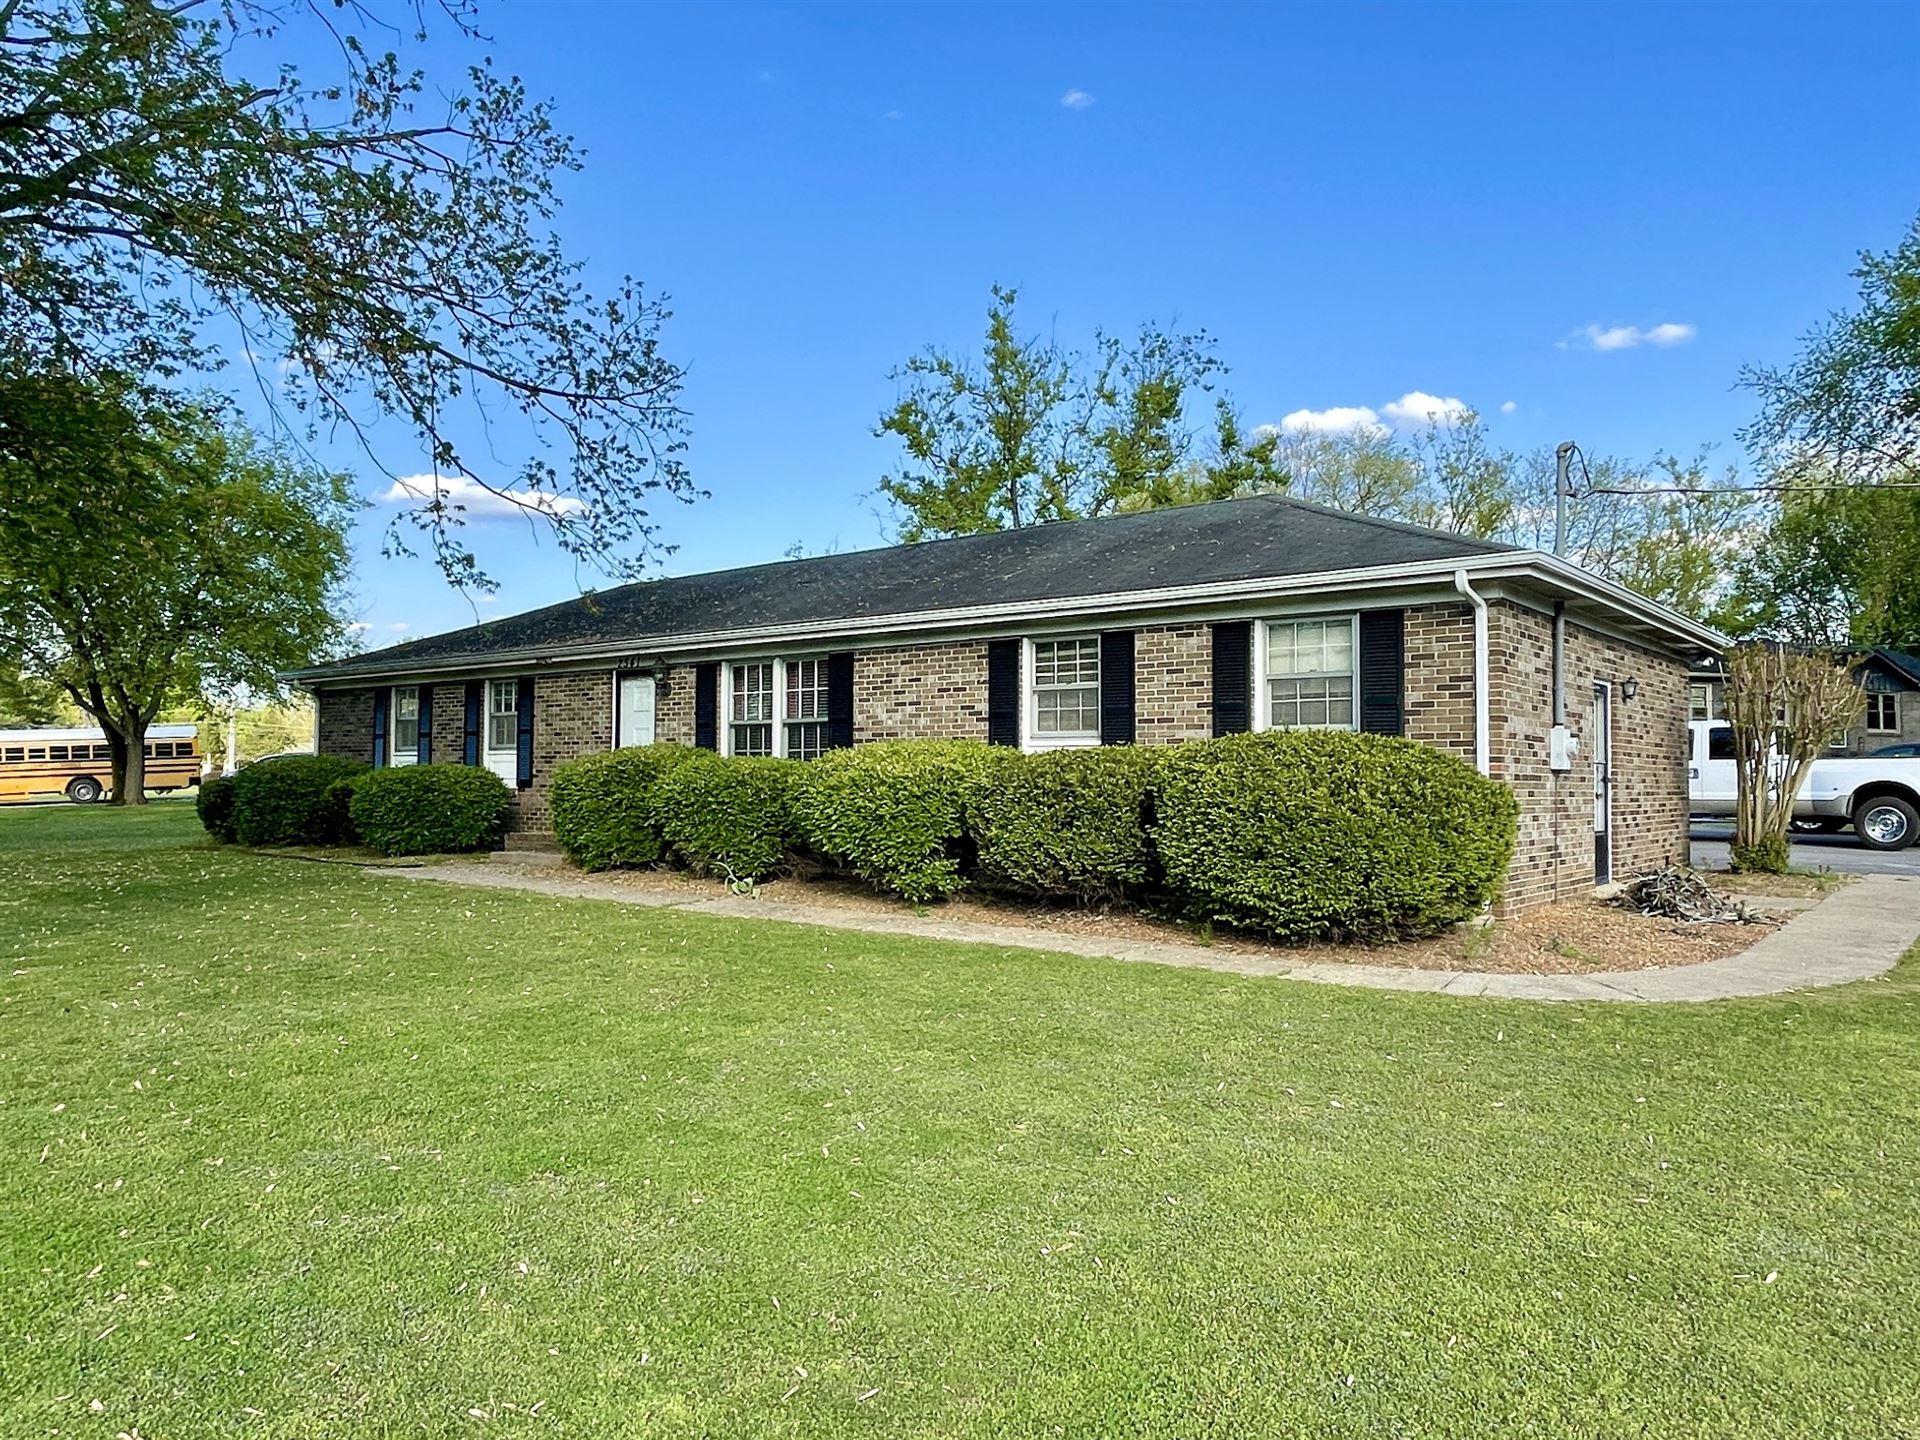 2541 Birdsong Ave, Murfreesboro, TN 37129 - MLS#: 2250634